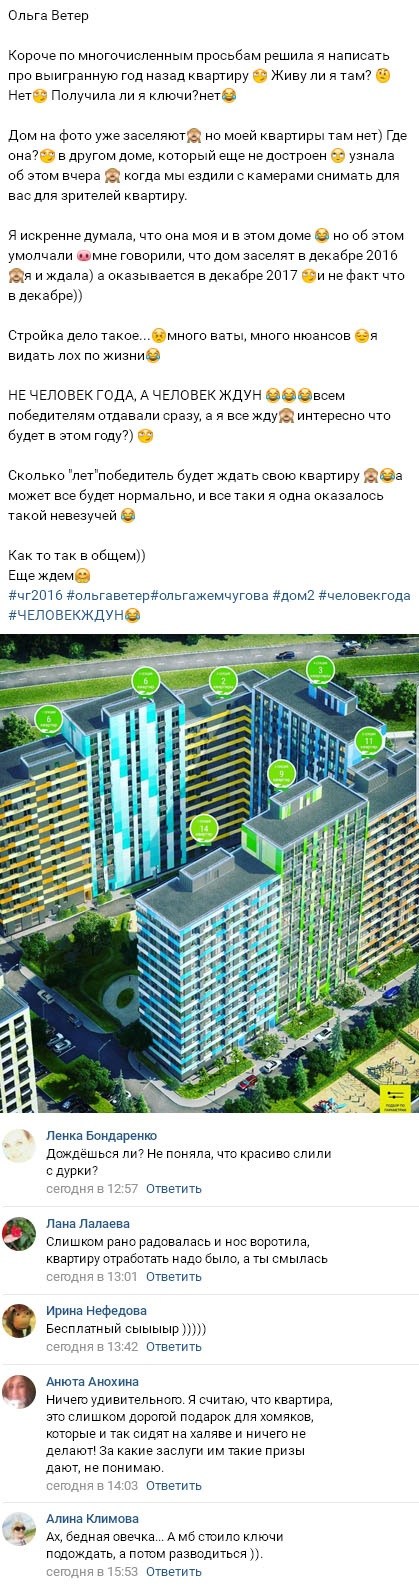 Ольга Ветер рассказала об обмане организаторов Дома-2